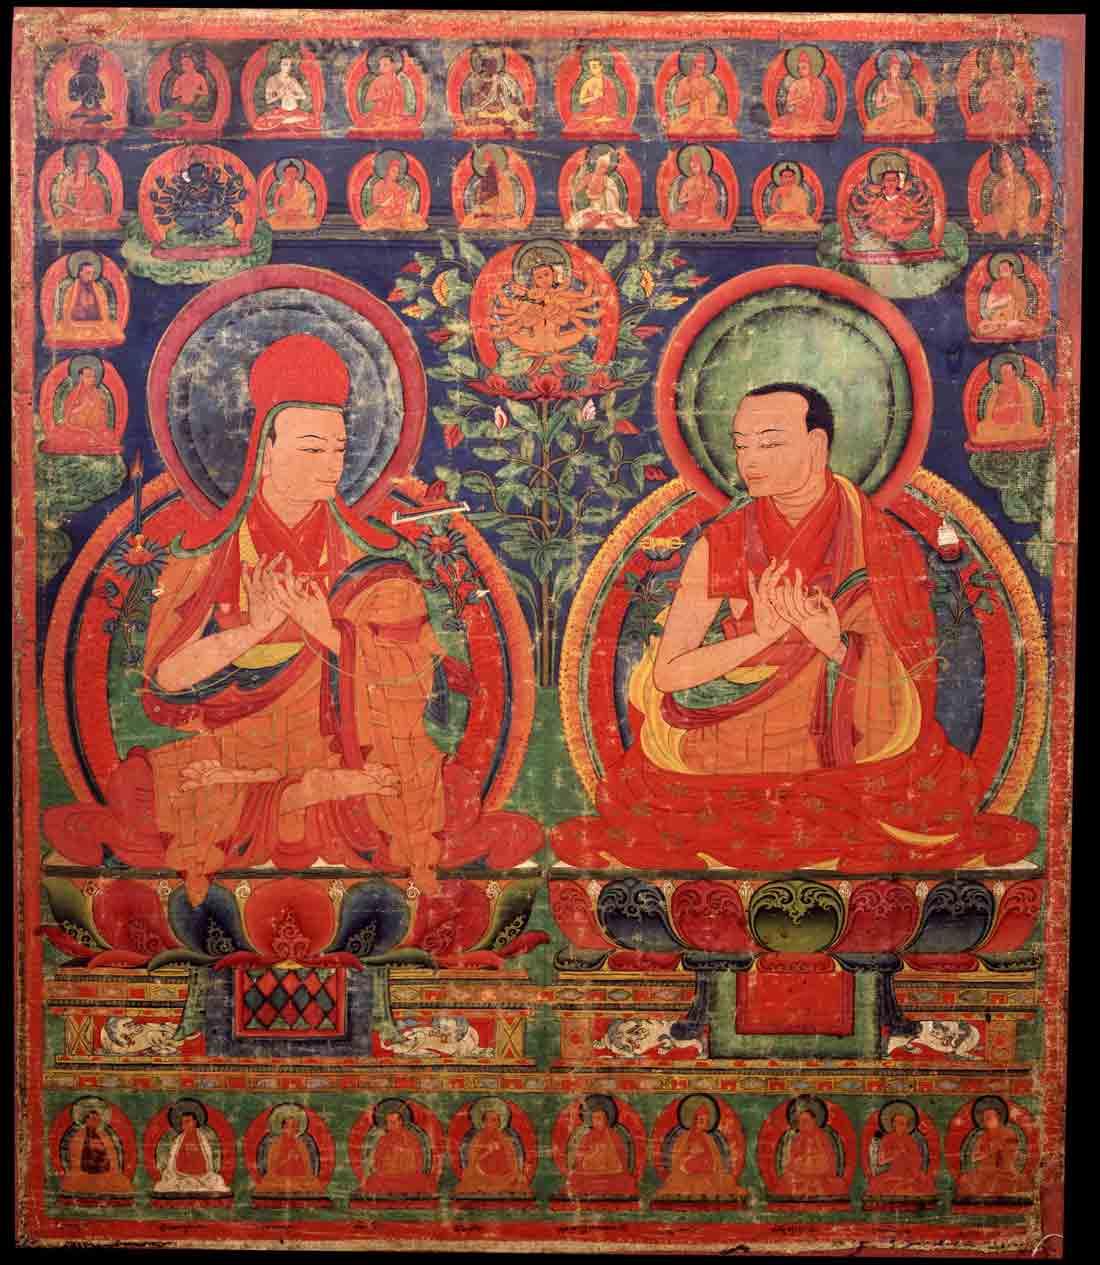 Sakya Pandita y Chogyal Phagpa